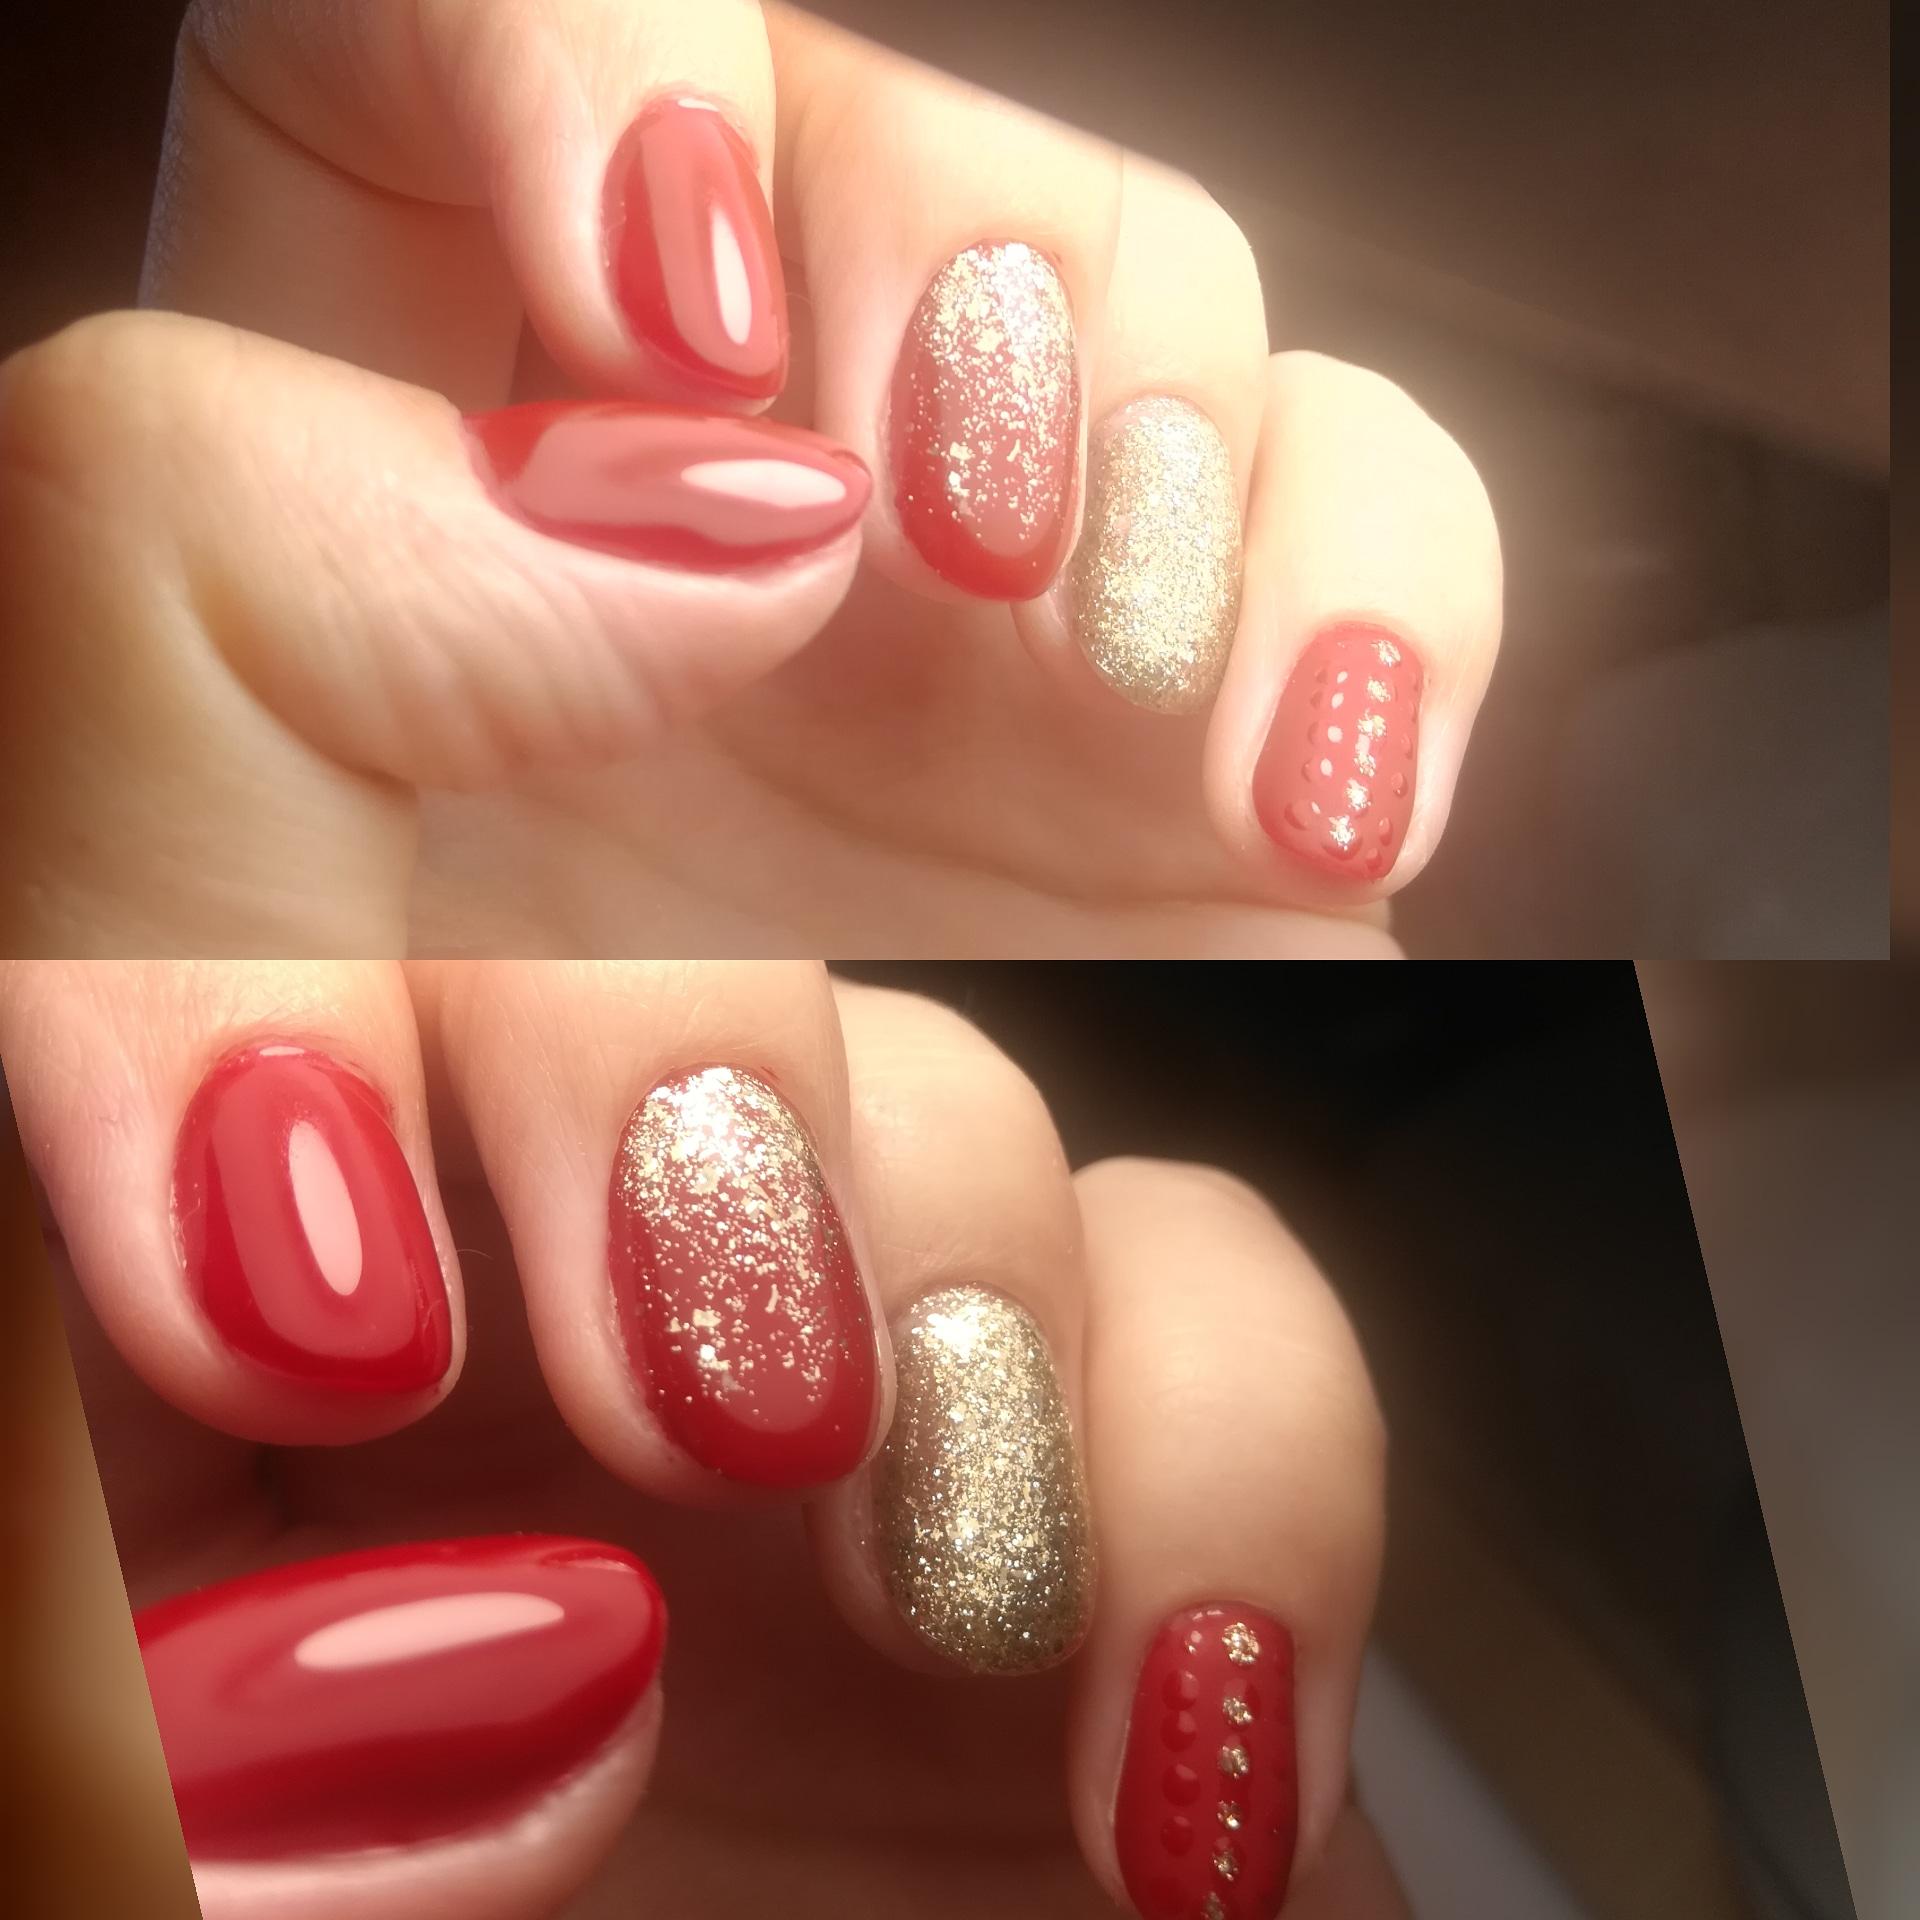 Маникюр с золотыми блестками в красном цвете на короткие ногти.